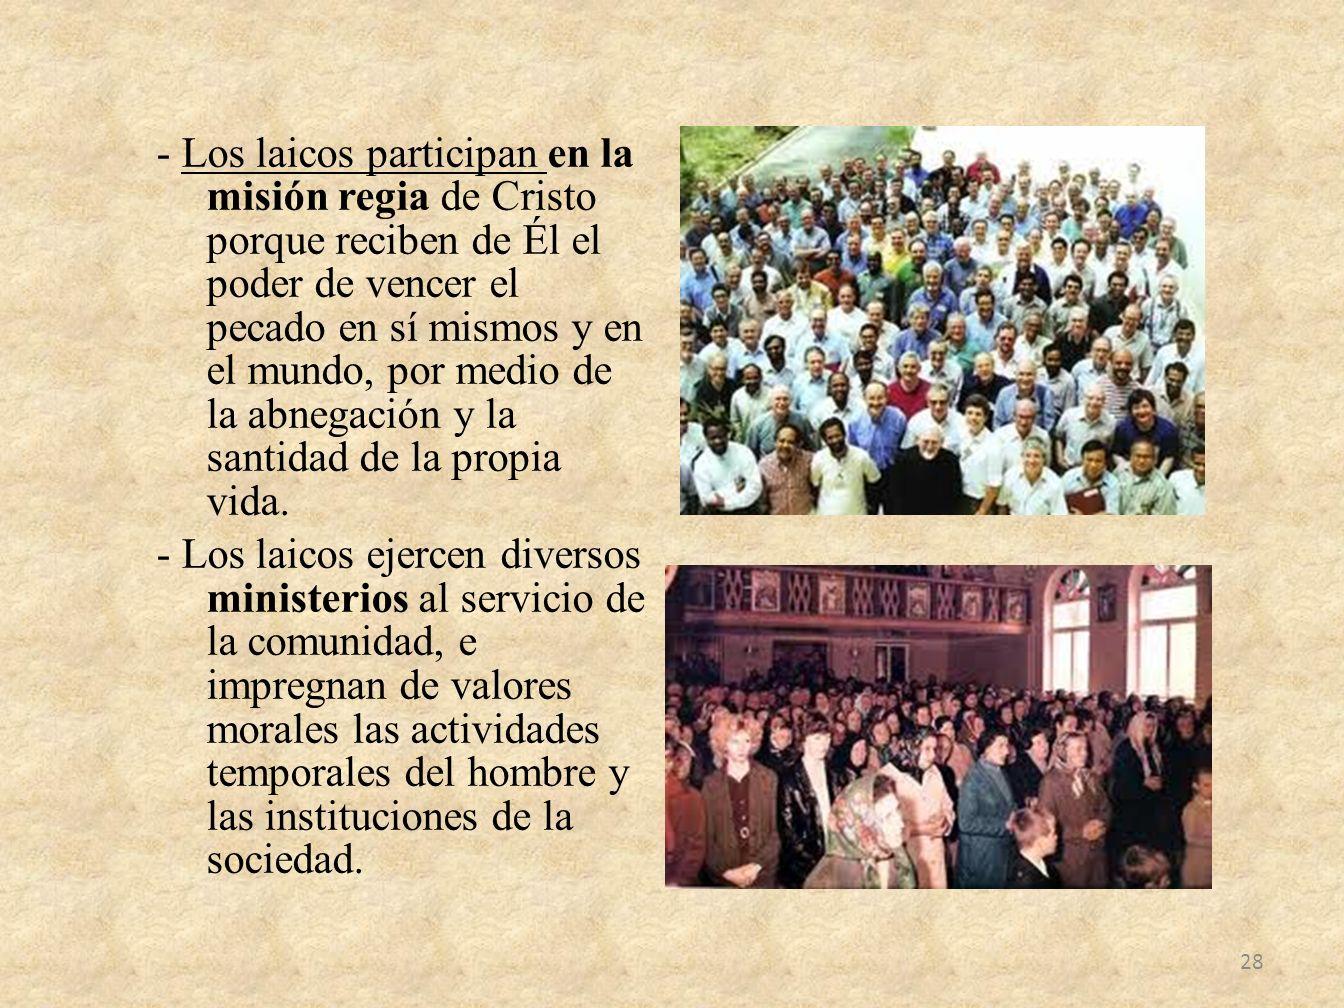 - Los laicos participan en la misión regia de Cristo porque reciben de Él el poder de vencer el pecado en sí mismos y en el mundo, por medio de la abn